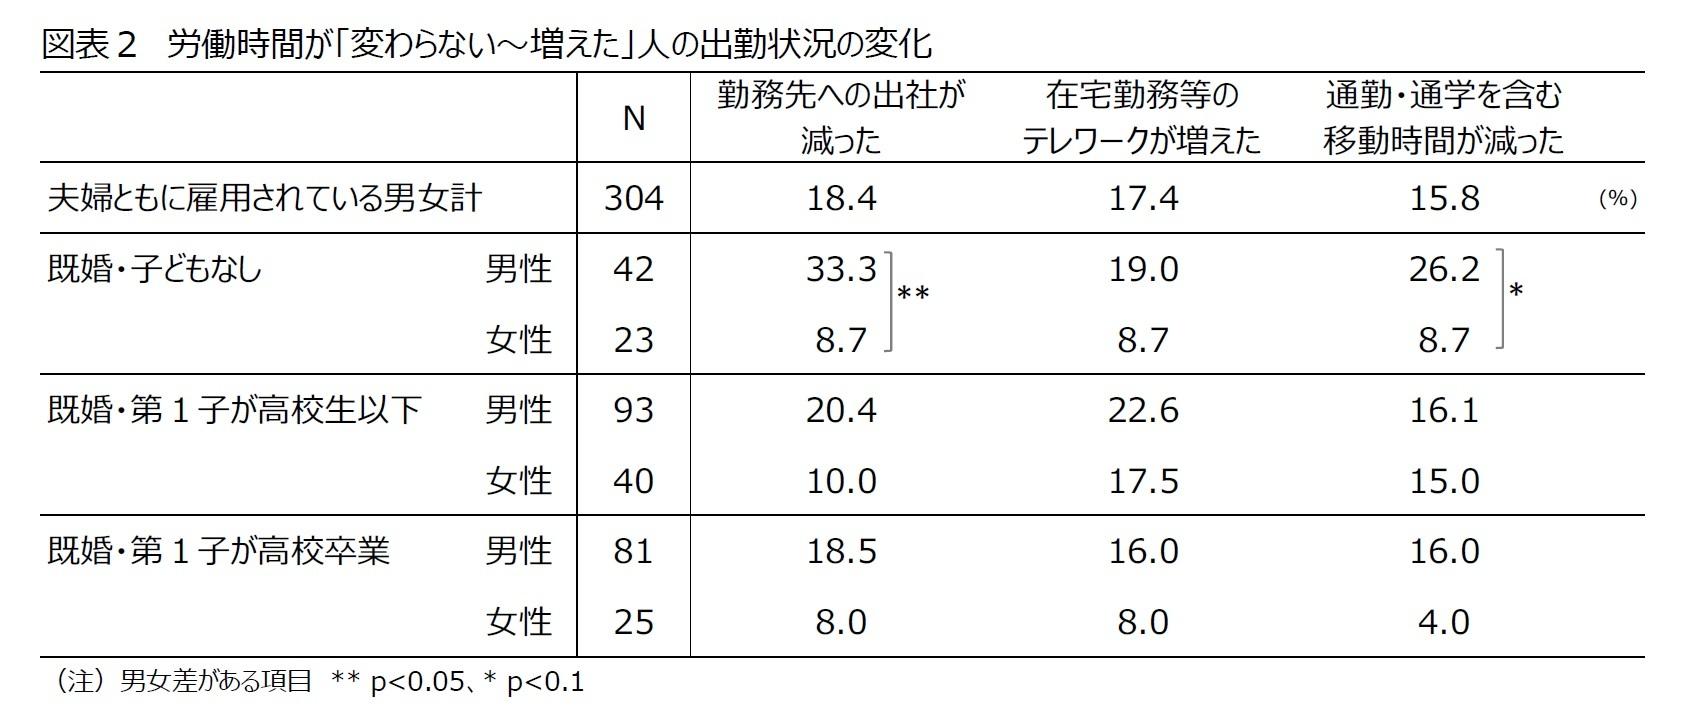 図表1 夫婦ともに雇用されている男女の年齢、および6月末における労働時間の変化